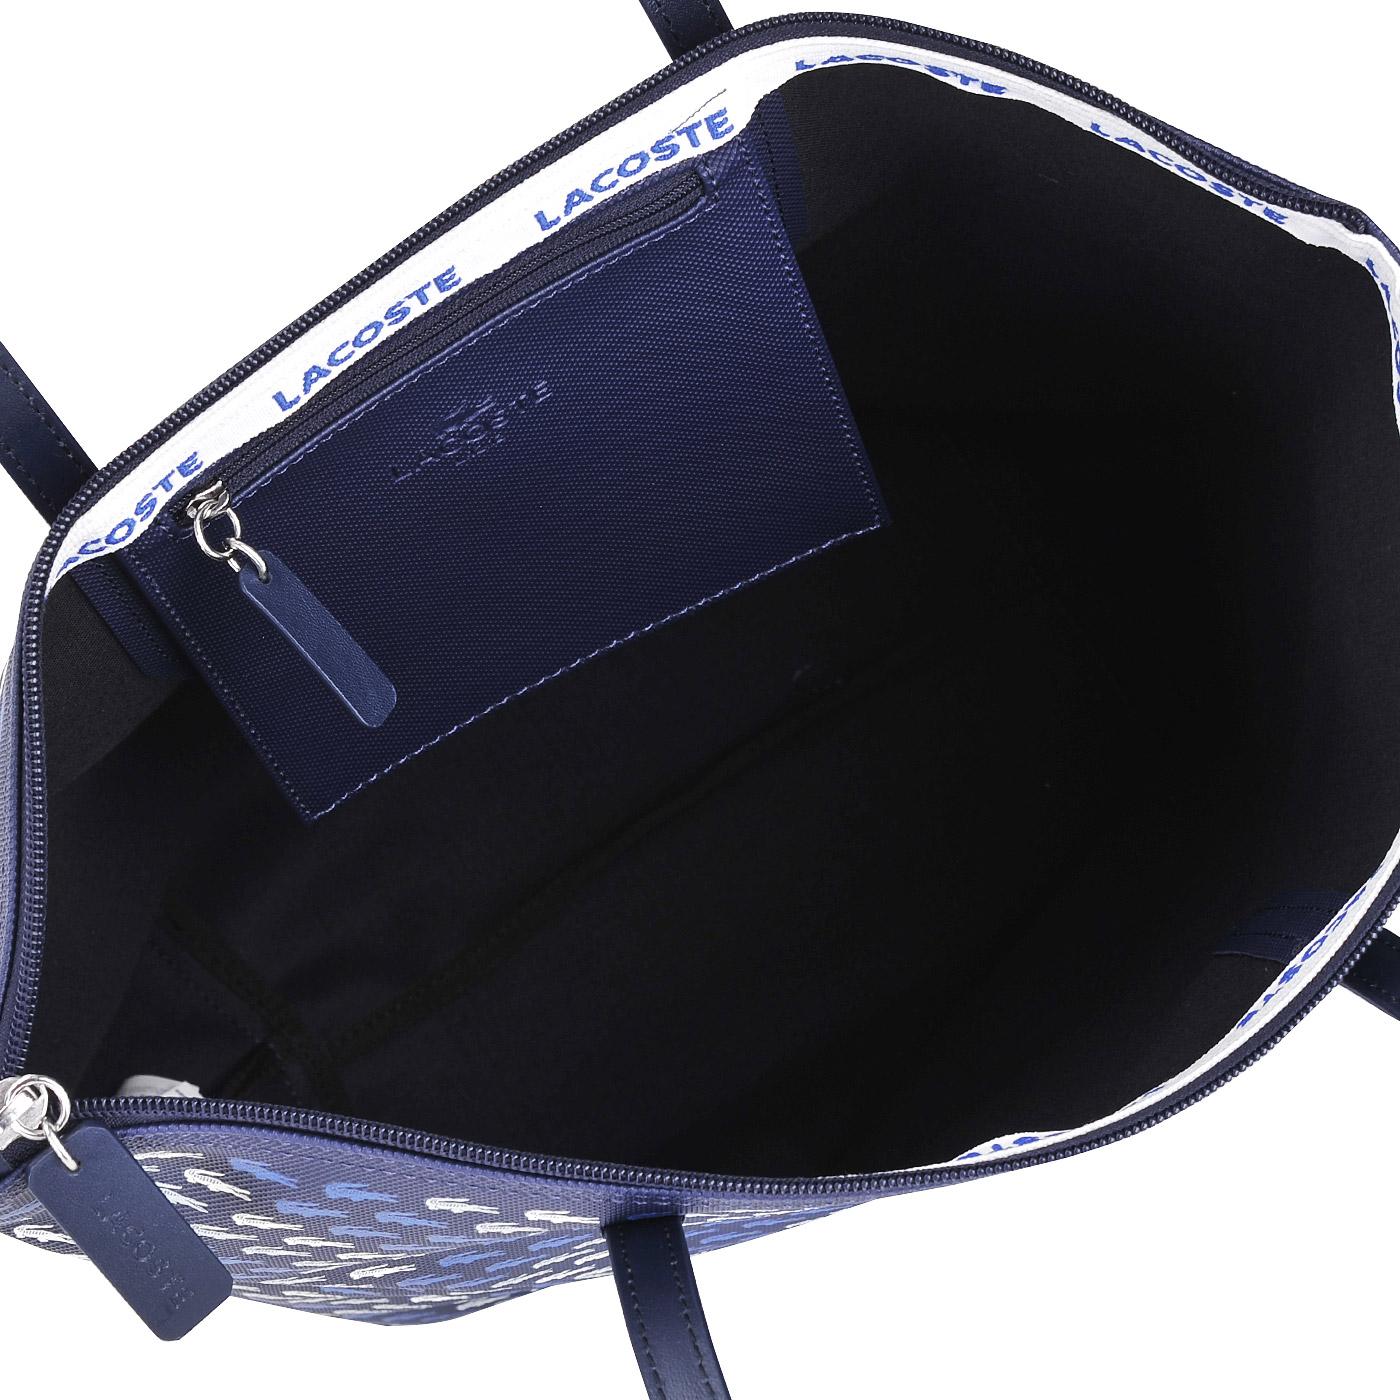 c88987514a8f Женская сумка Lacoste L.12.12 Concept Croc NF1614CX816 ...